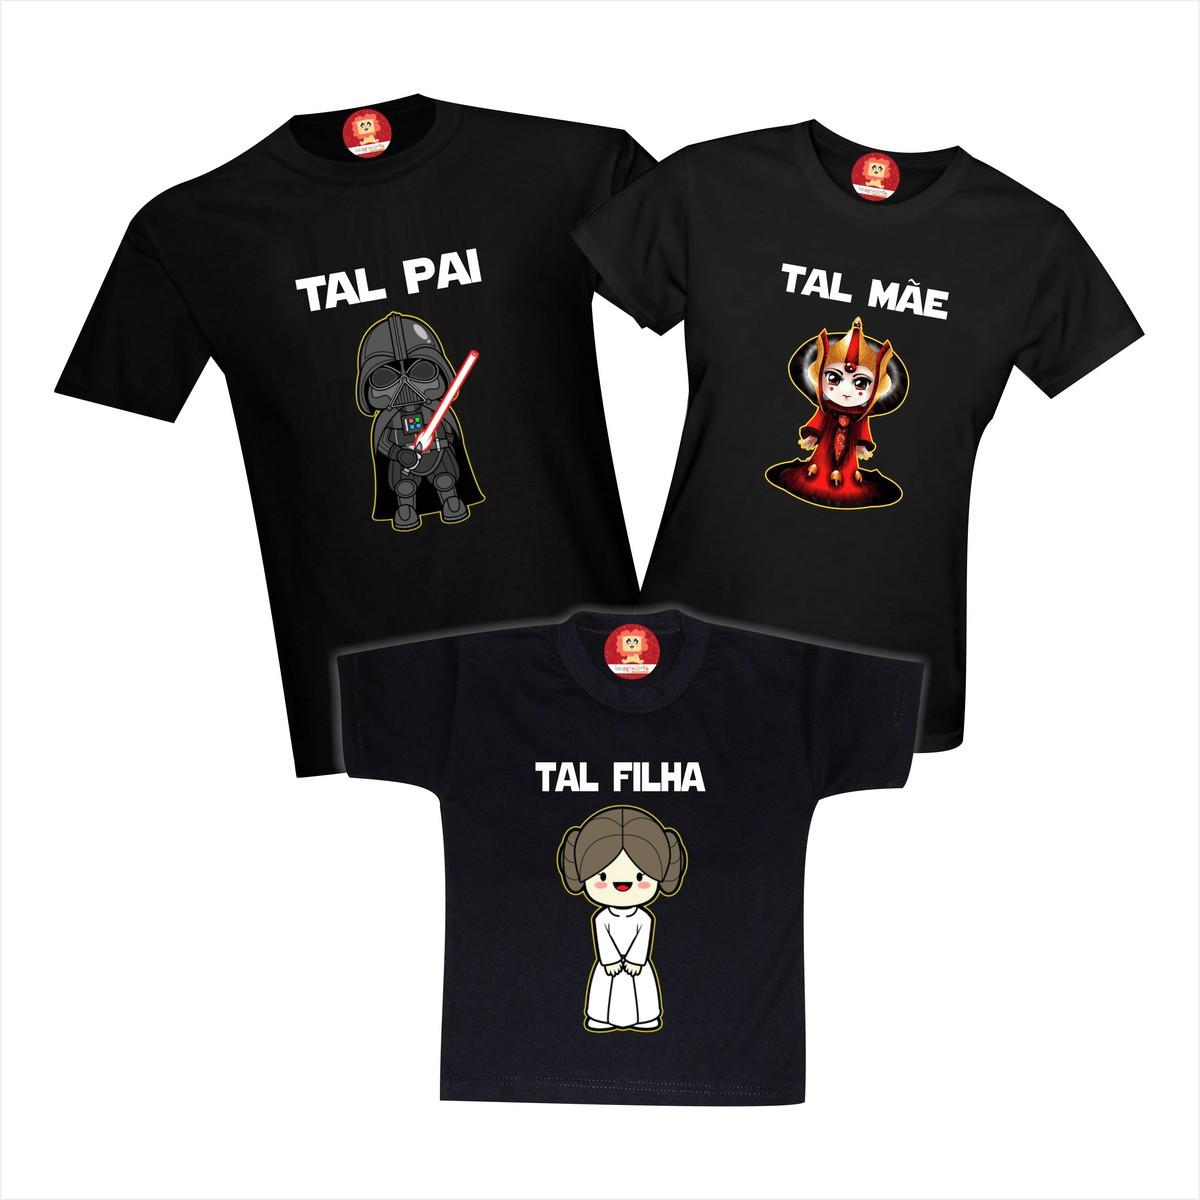 Kit Camisetas Família StarWars Darth Vader, Padma Amidala, Princesa Leia